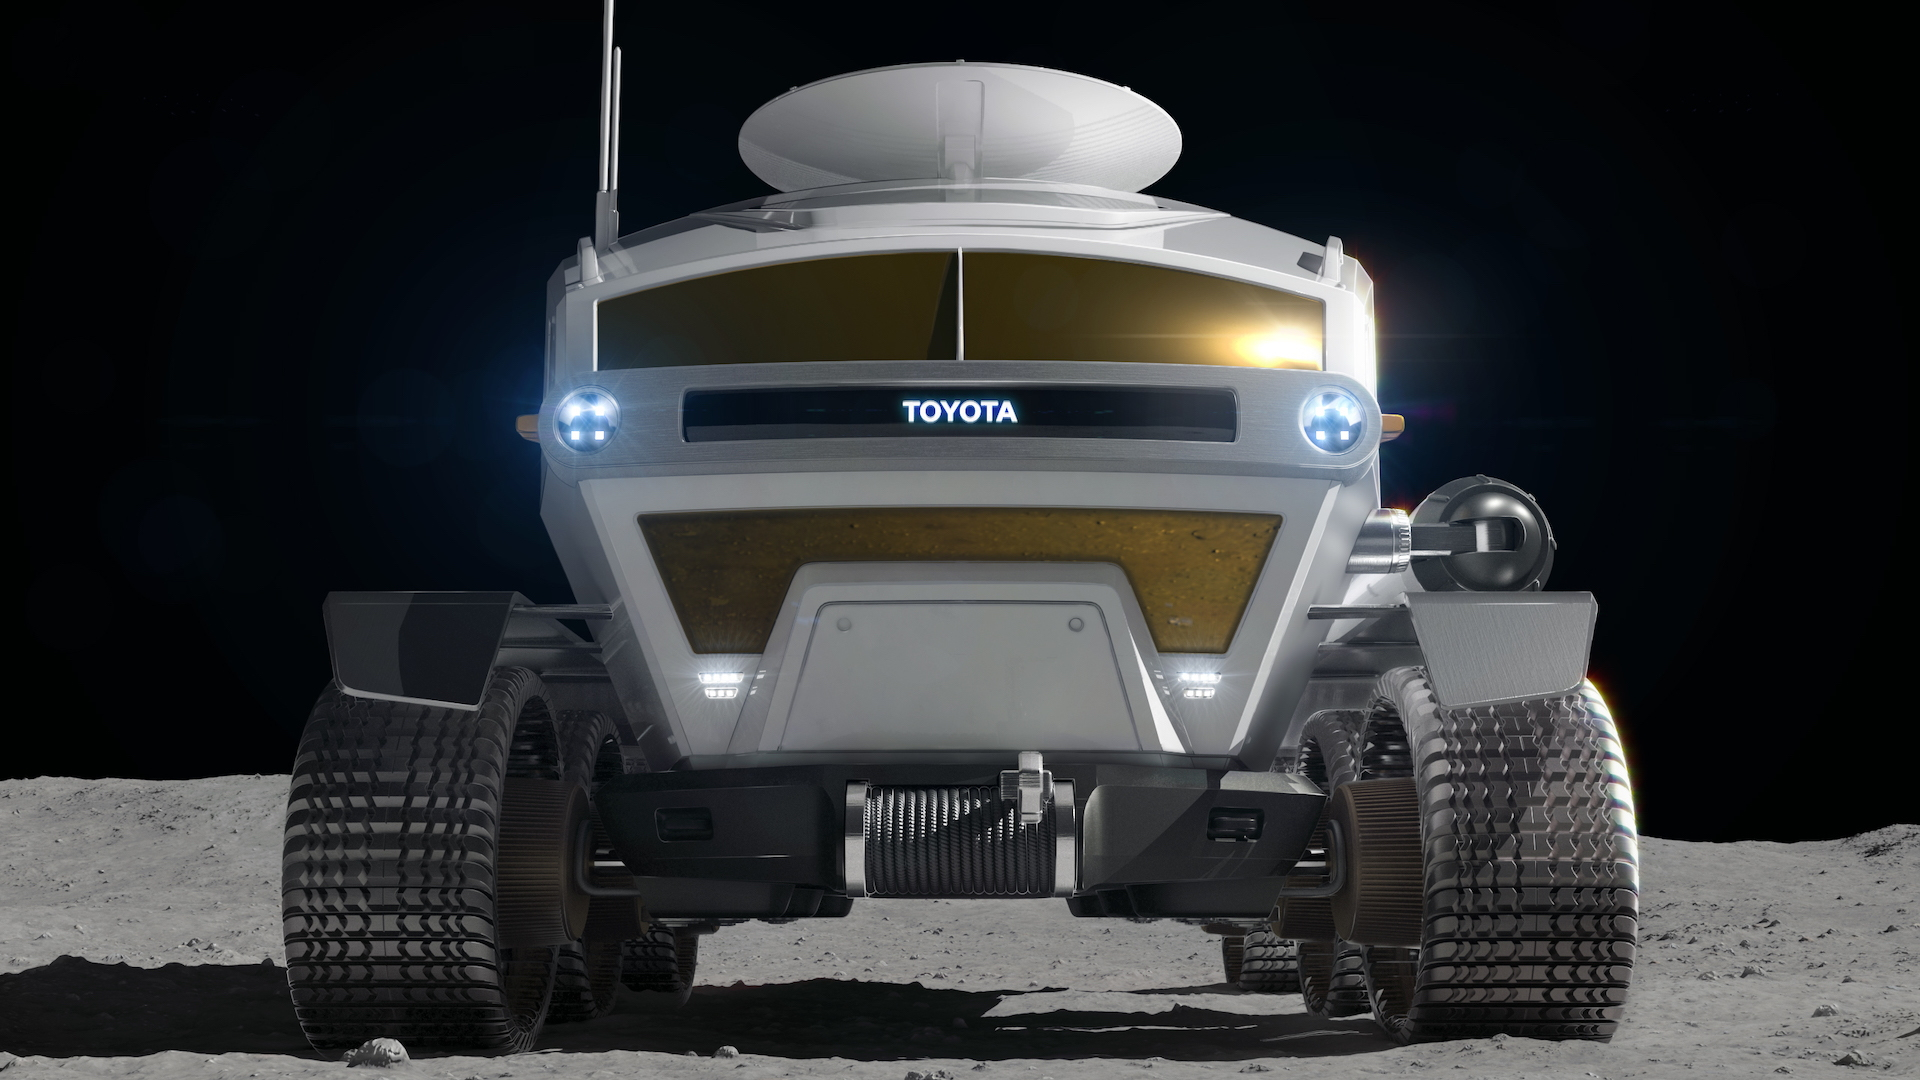 Toyota Lunar Rover concept